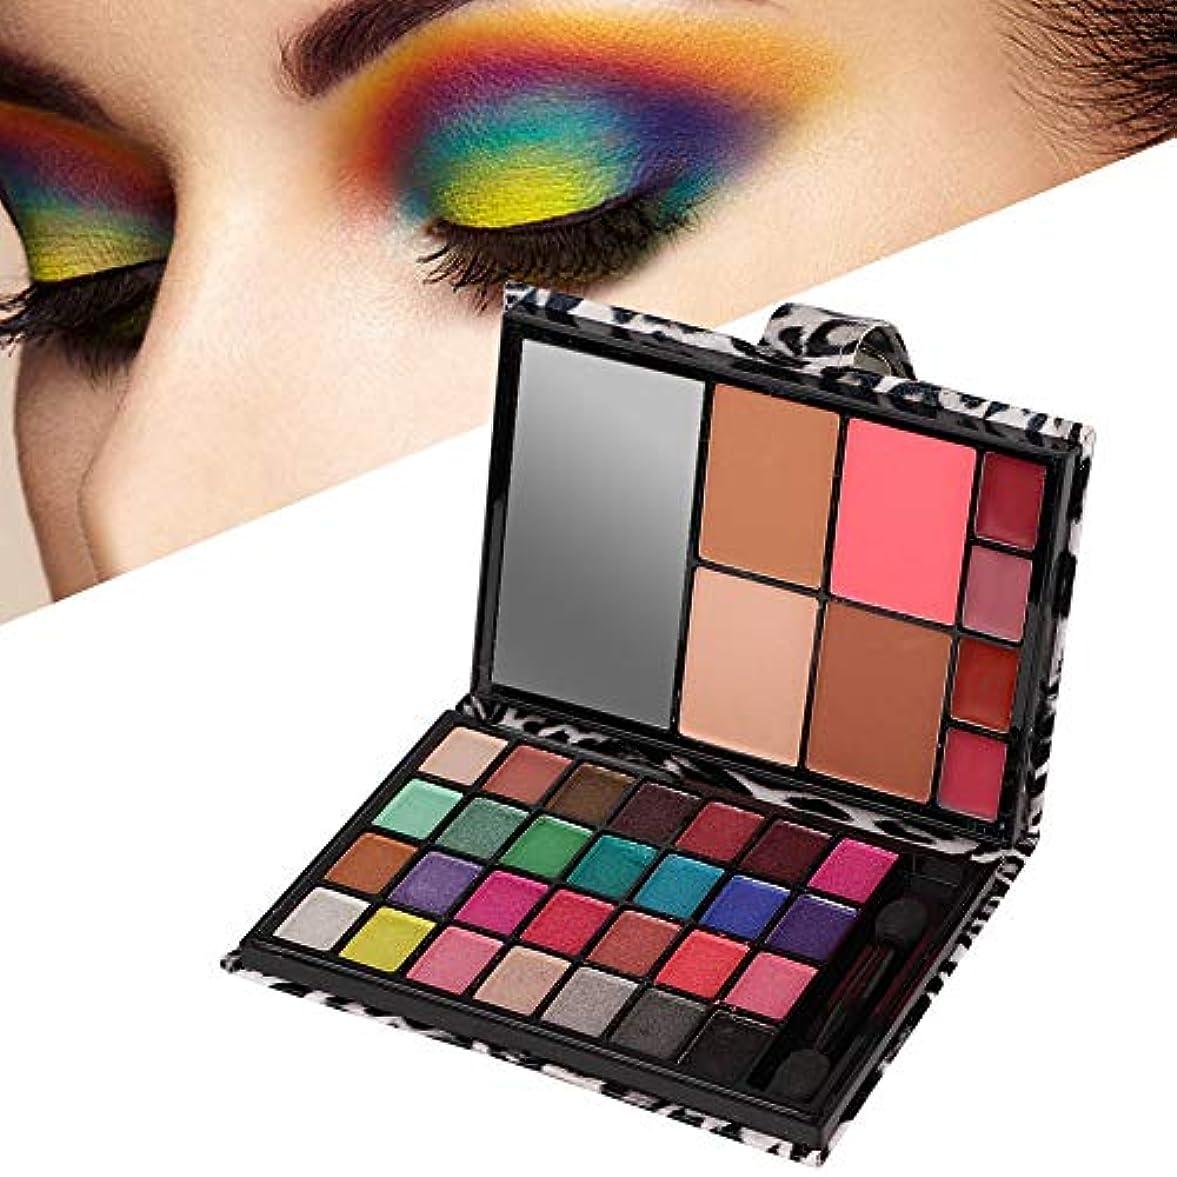 8色アイシャドウパレット アイシャドウパレット 化粧マット グロス アイシャドウパウダー 化粧品ツール